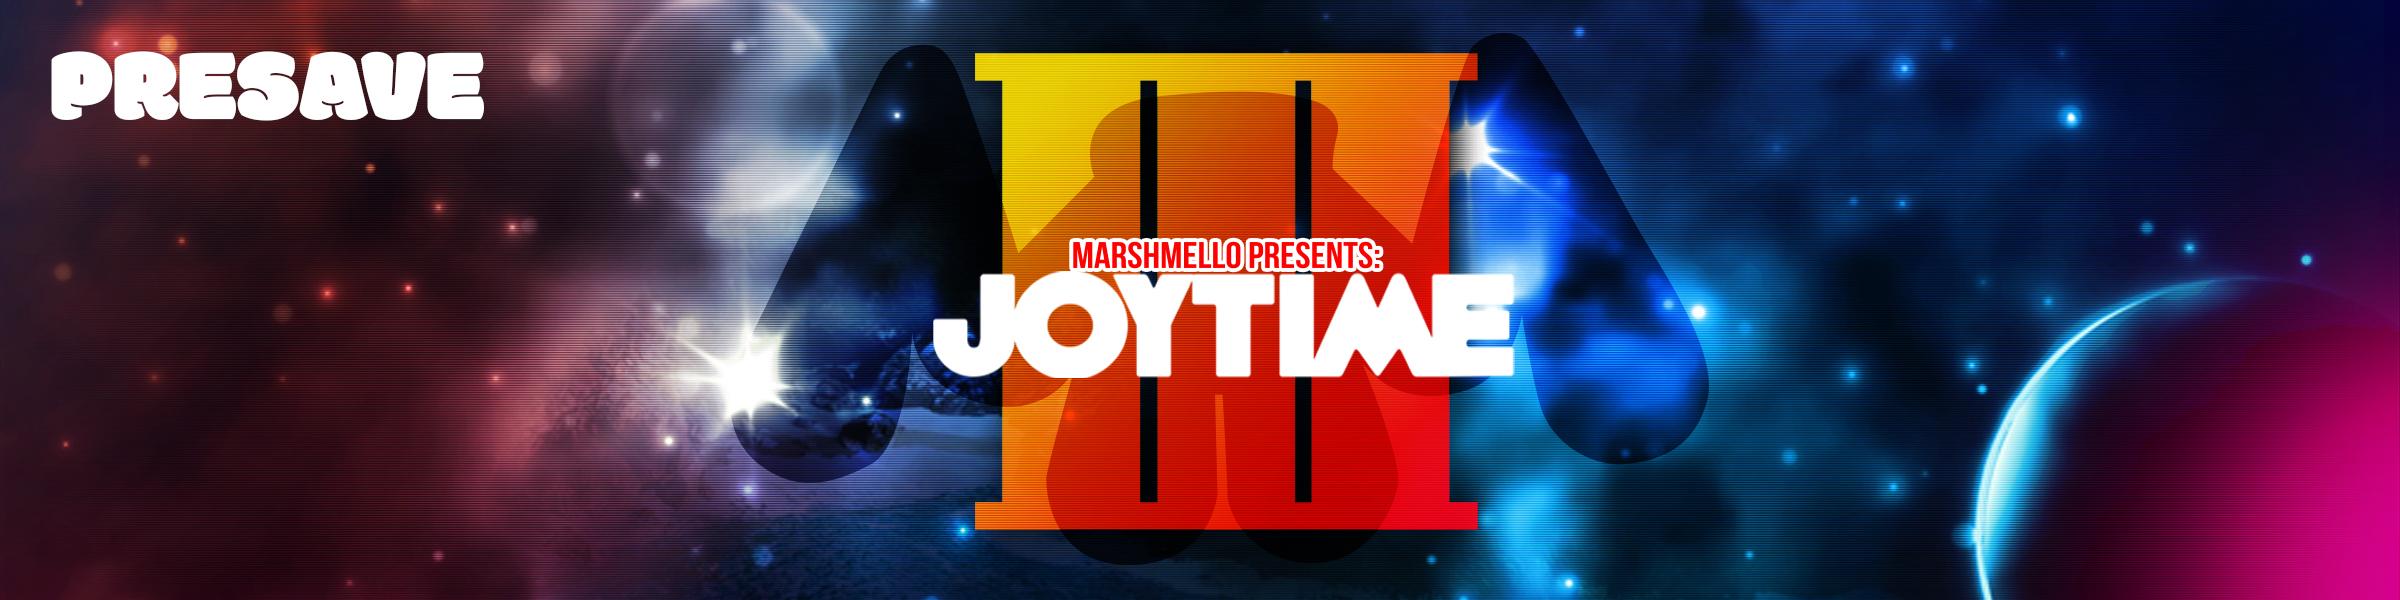 Presave Joytime III.jpg